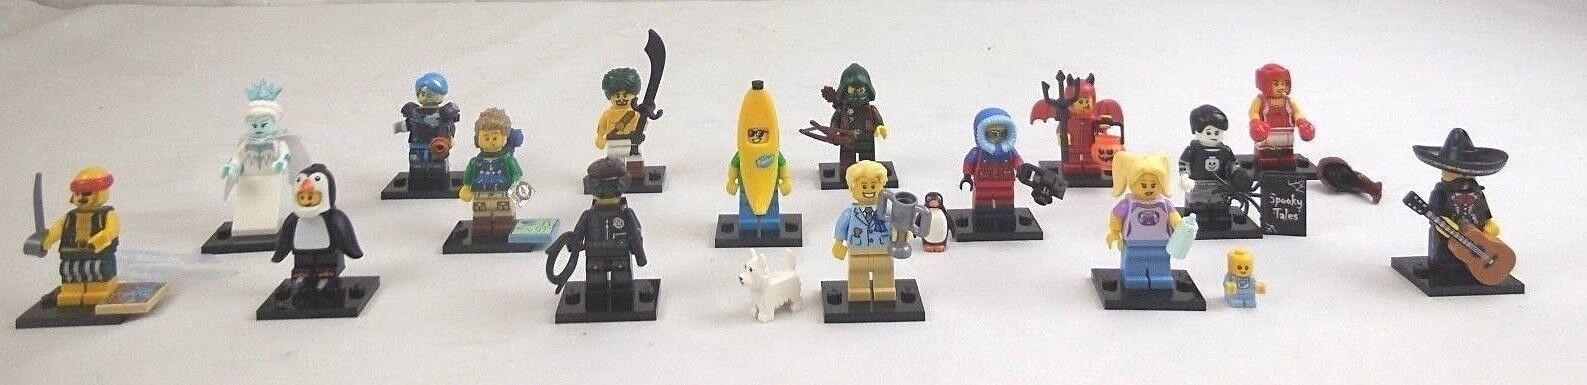 LEGO PERSONAGGI SERIE 16 completamente, completamente, personaggi 16